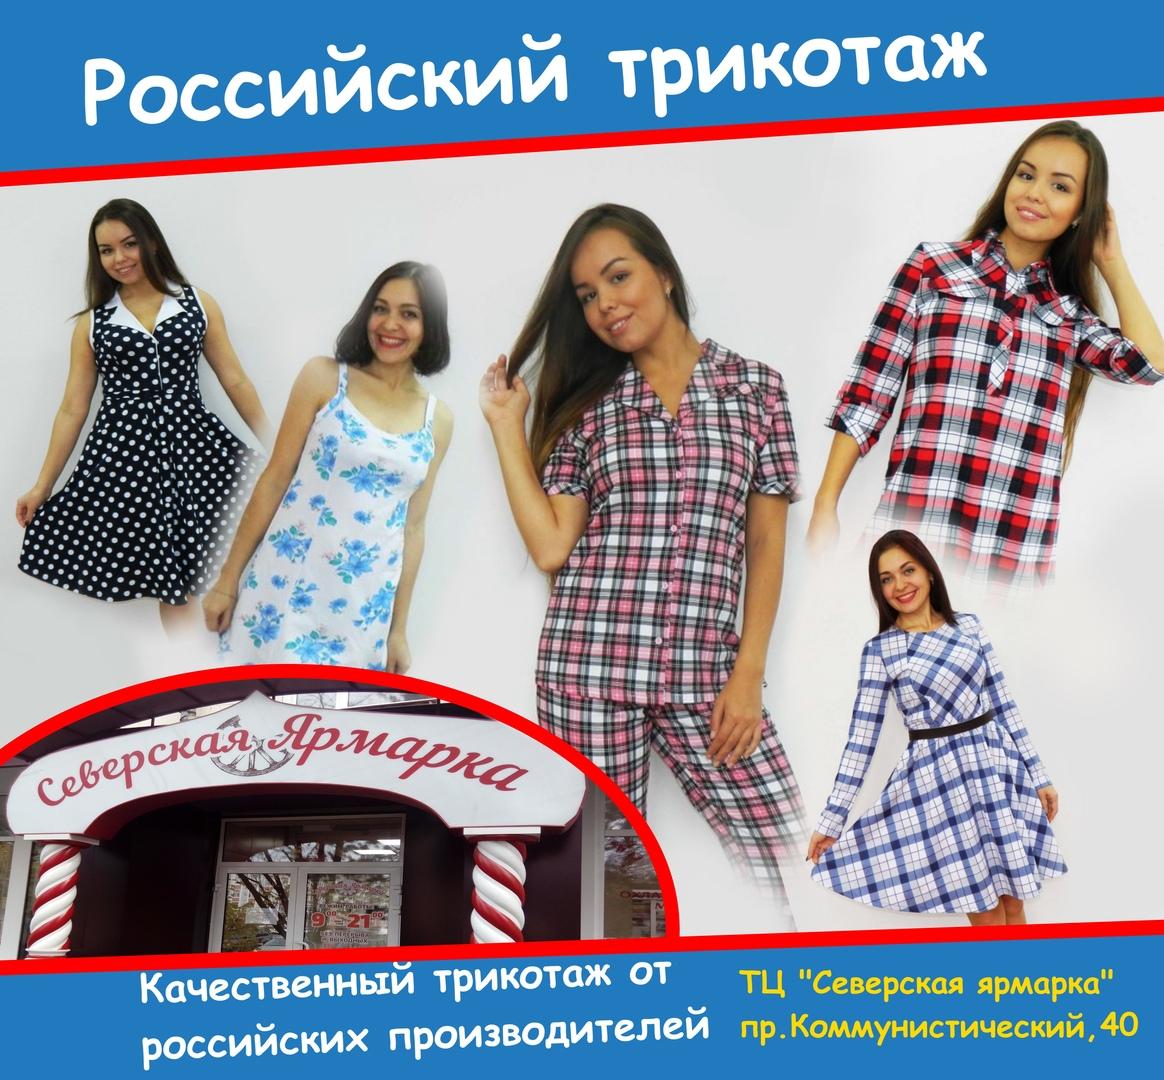 Качественный трикотаж от российских производителей